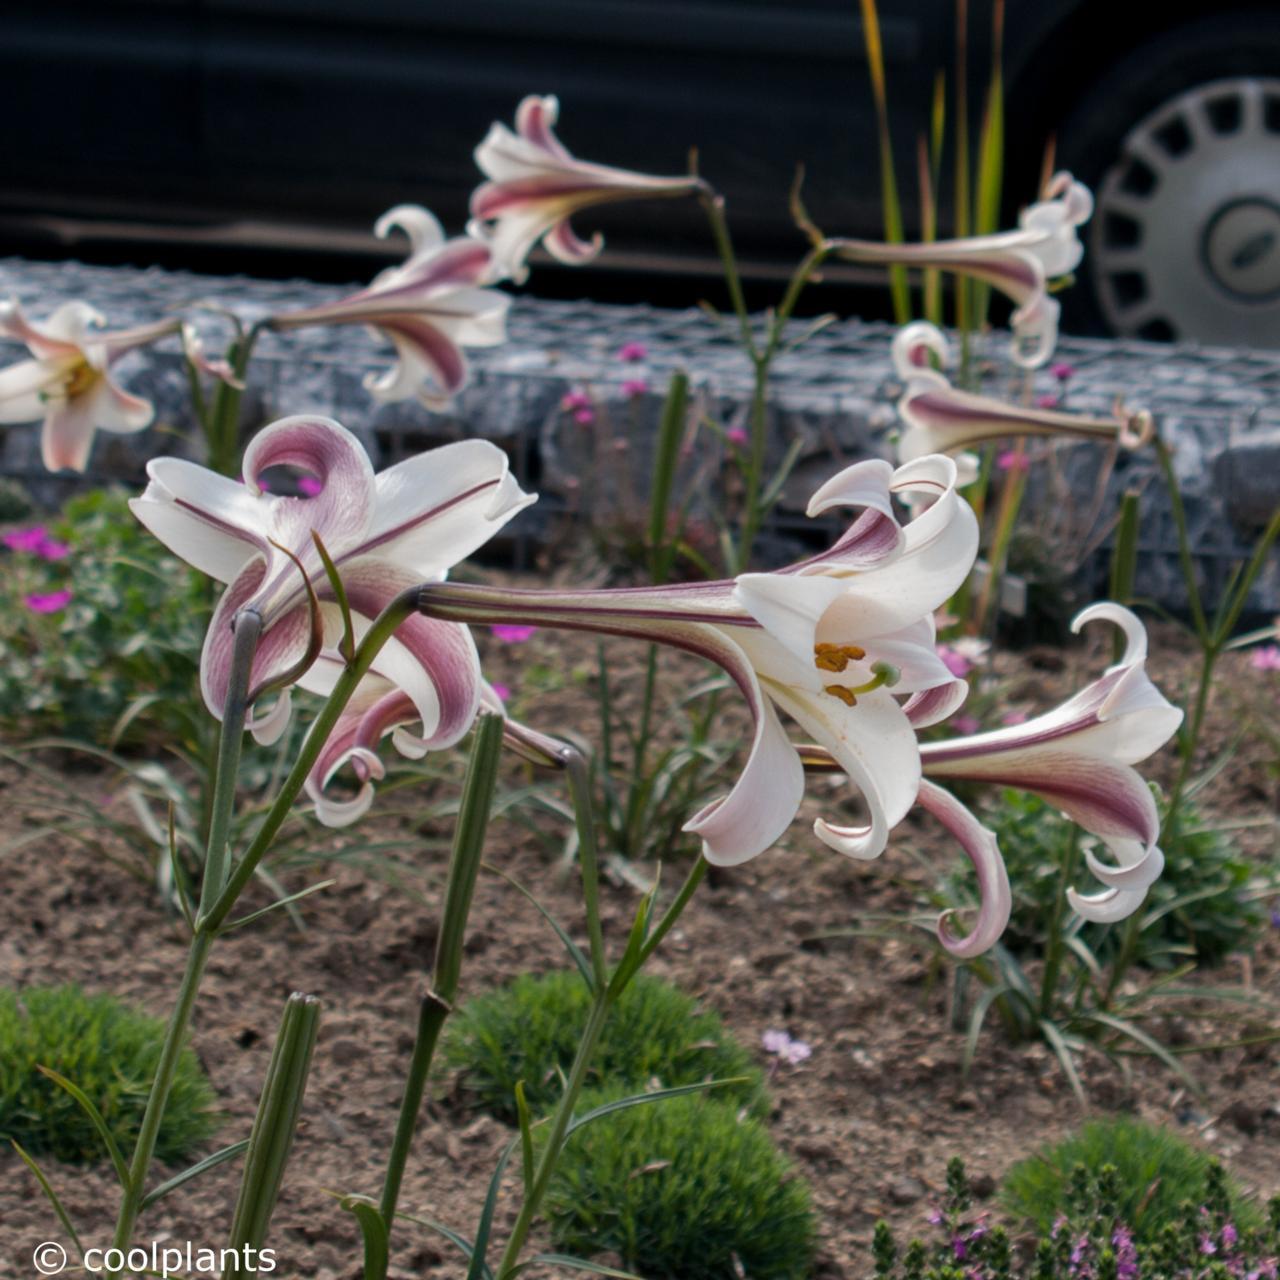 Lilium formosanum var. pricei plant